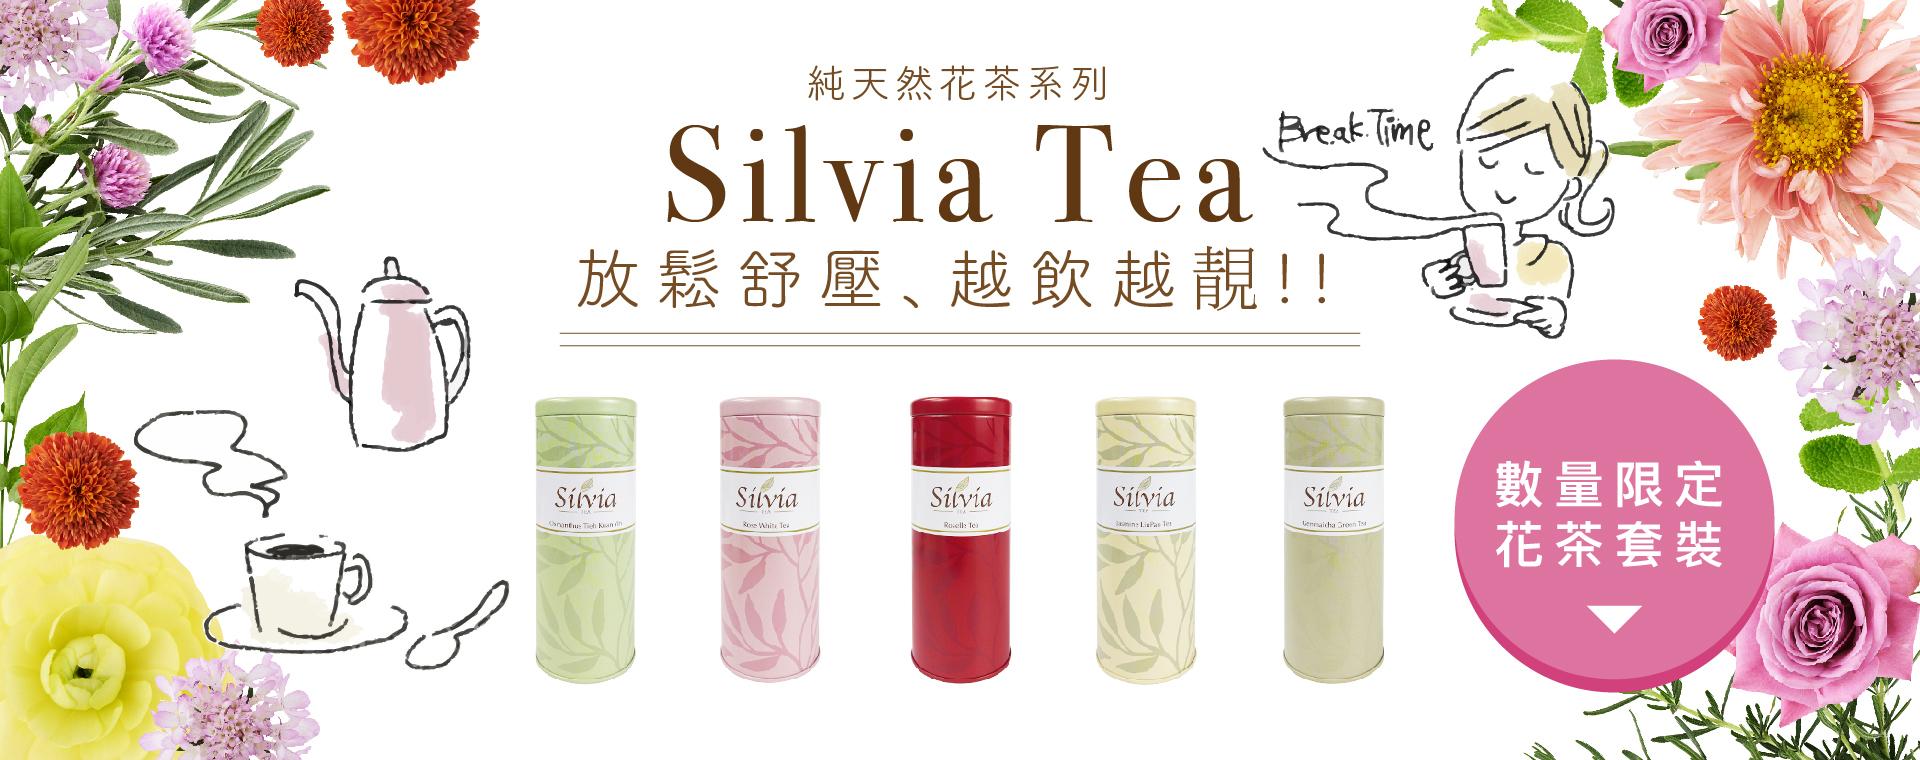 Silvia Tea 純天然花茶系列